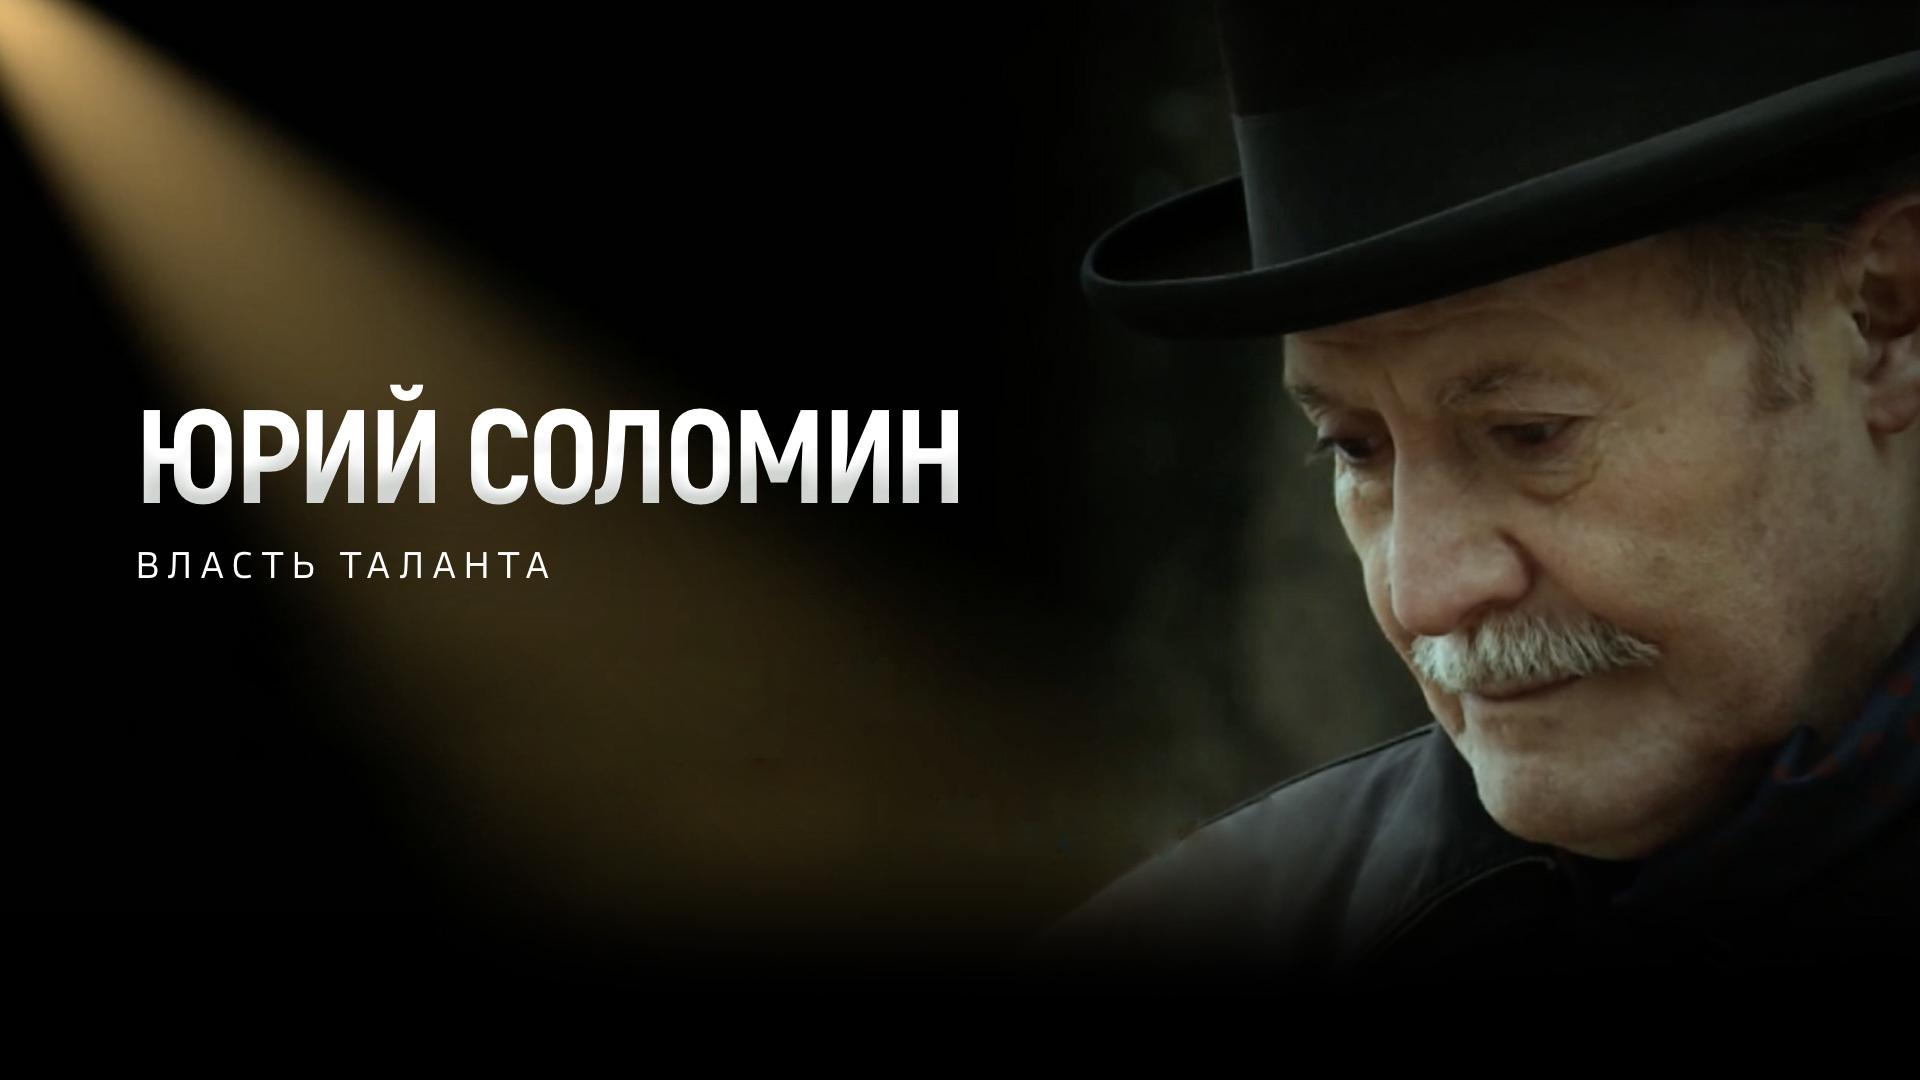 Юрий Соломин. Власть таланта